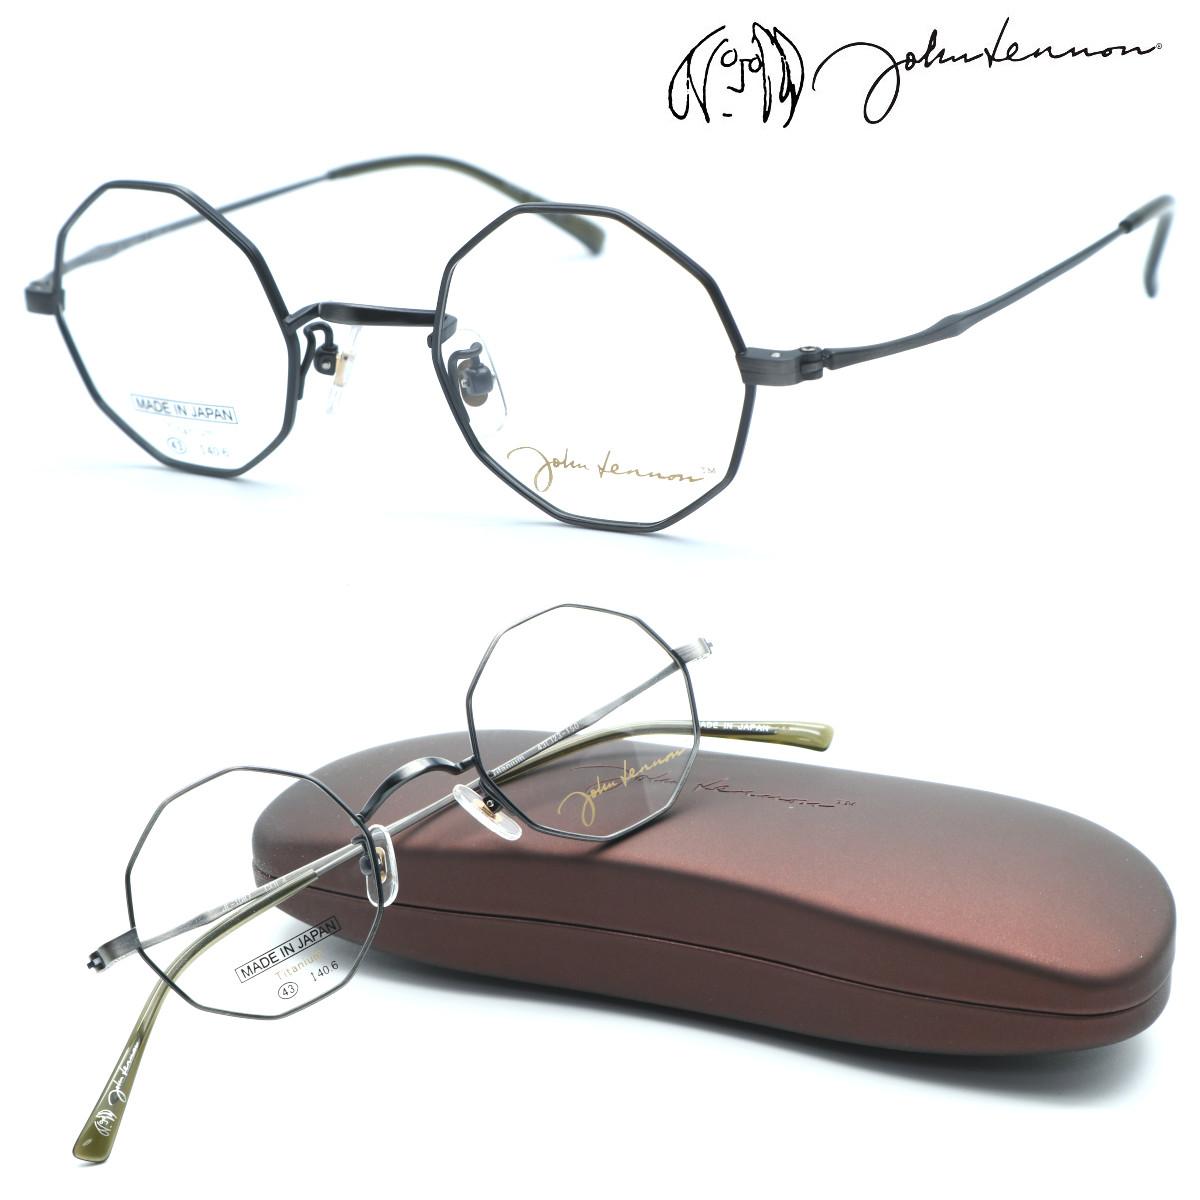 丸メガネの決定版 店頭受取対応商品 john lennon ジョンレノン JL-1087 ファクトリーアウトレット col.4 丸メガネ 日本製 メガネ 店内全品送料無料 特価 度付又は度無レンズセット 正規品